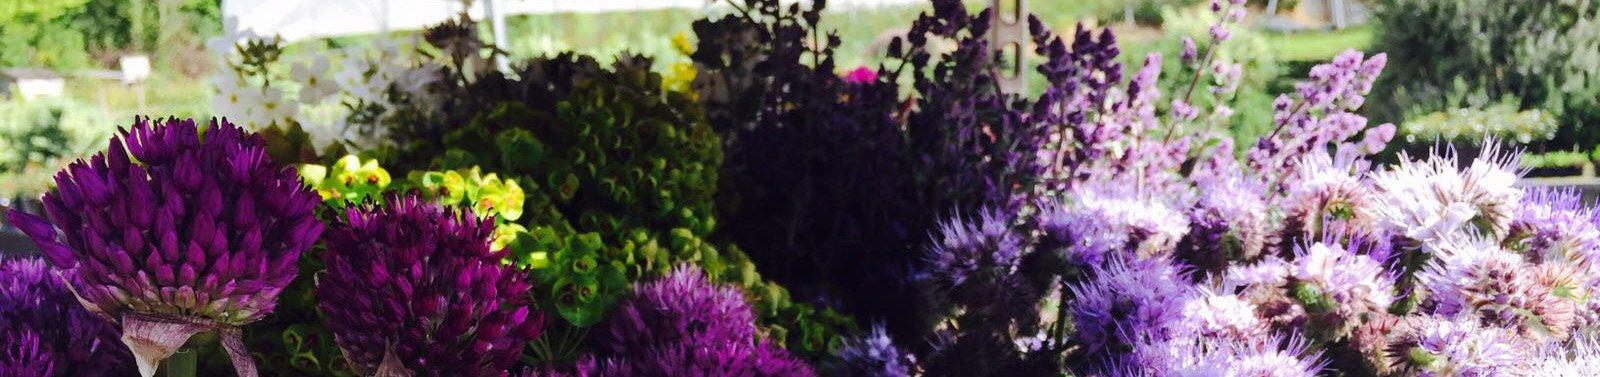 Seasonal Garden Flowers